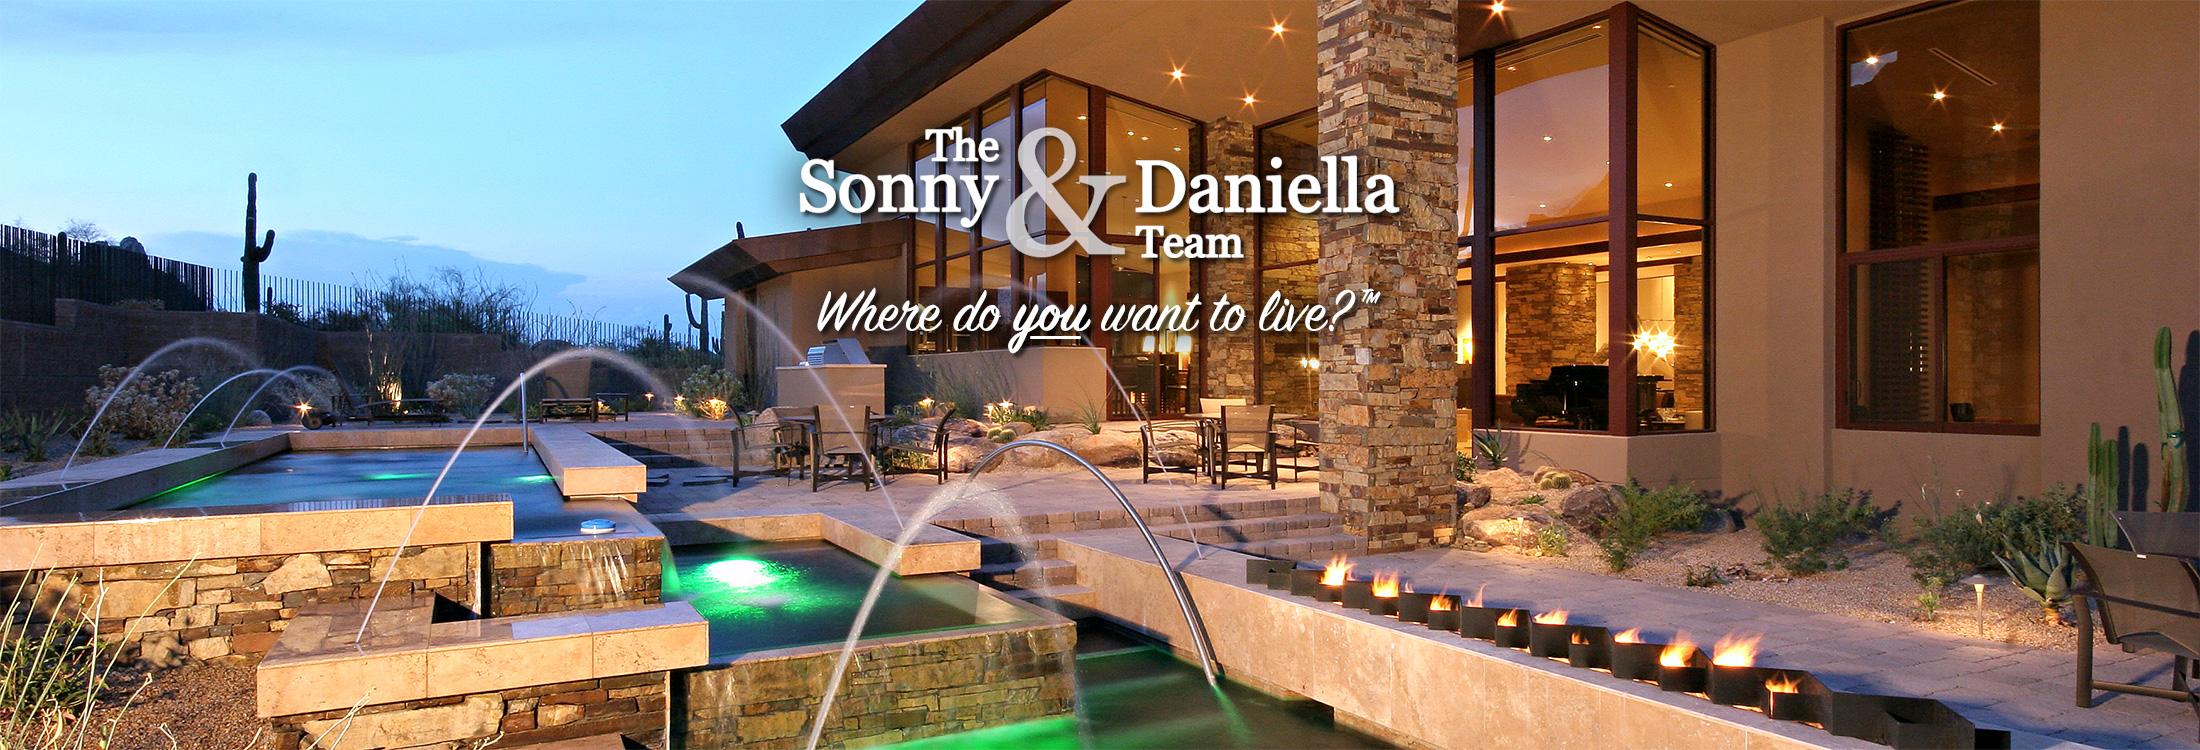 Sonnydaniella.com Advanced Search